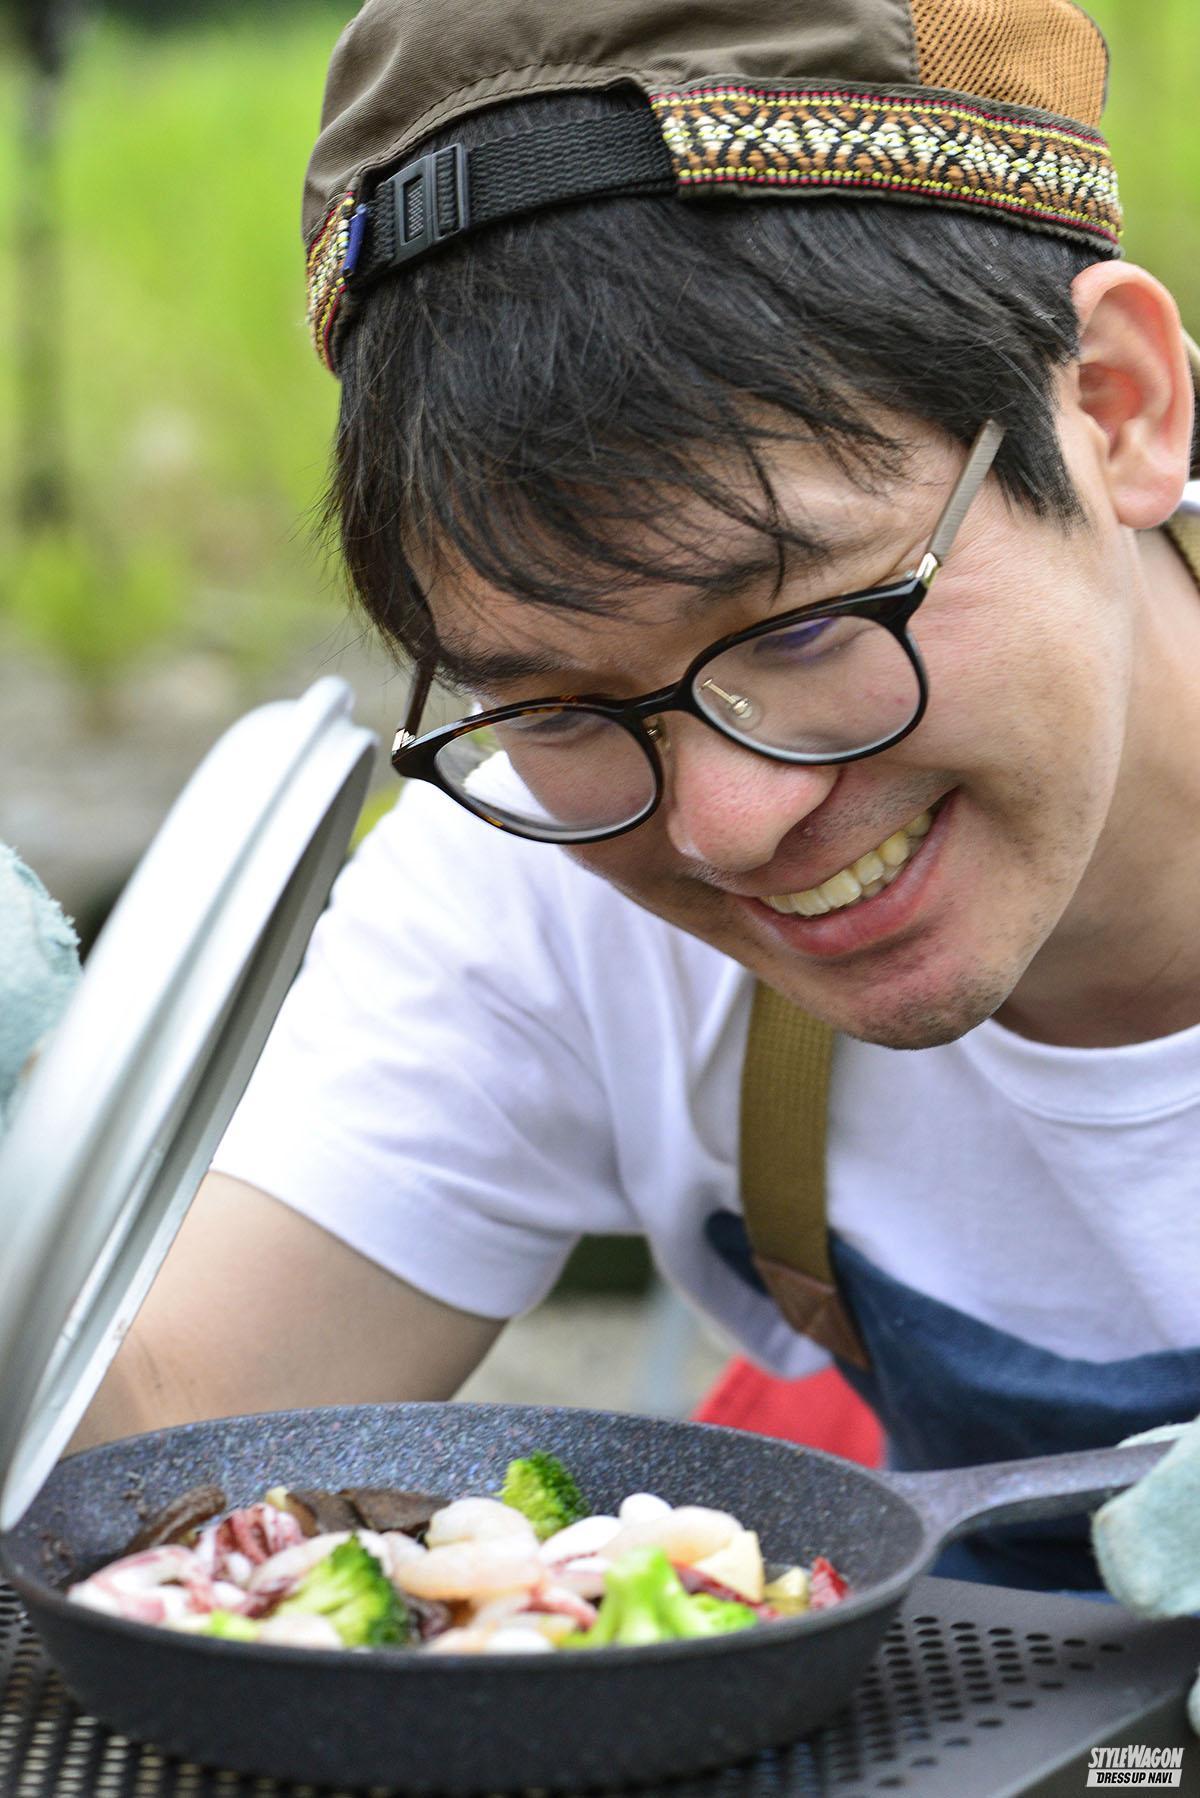 「【羨ましい! ジムニーのある生活_男のキャンプ】森の中で日常を忘れうまい料理を食らい笑う」の3枚めの画像